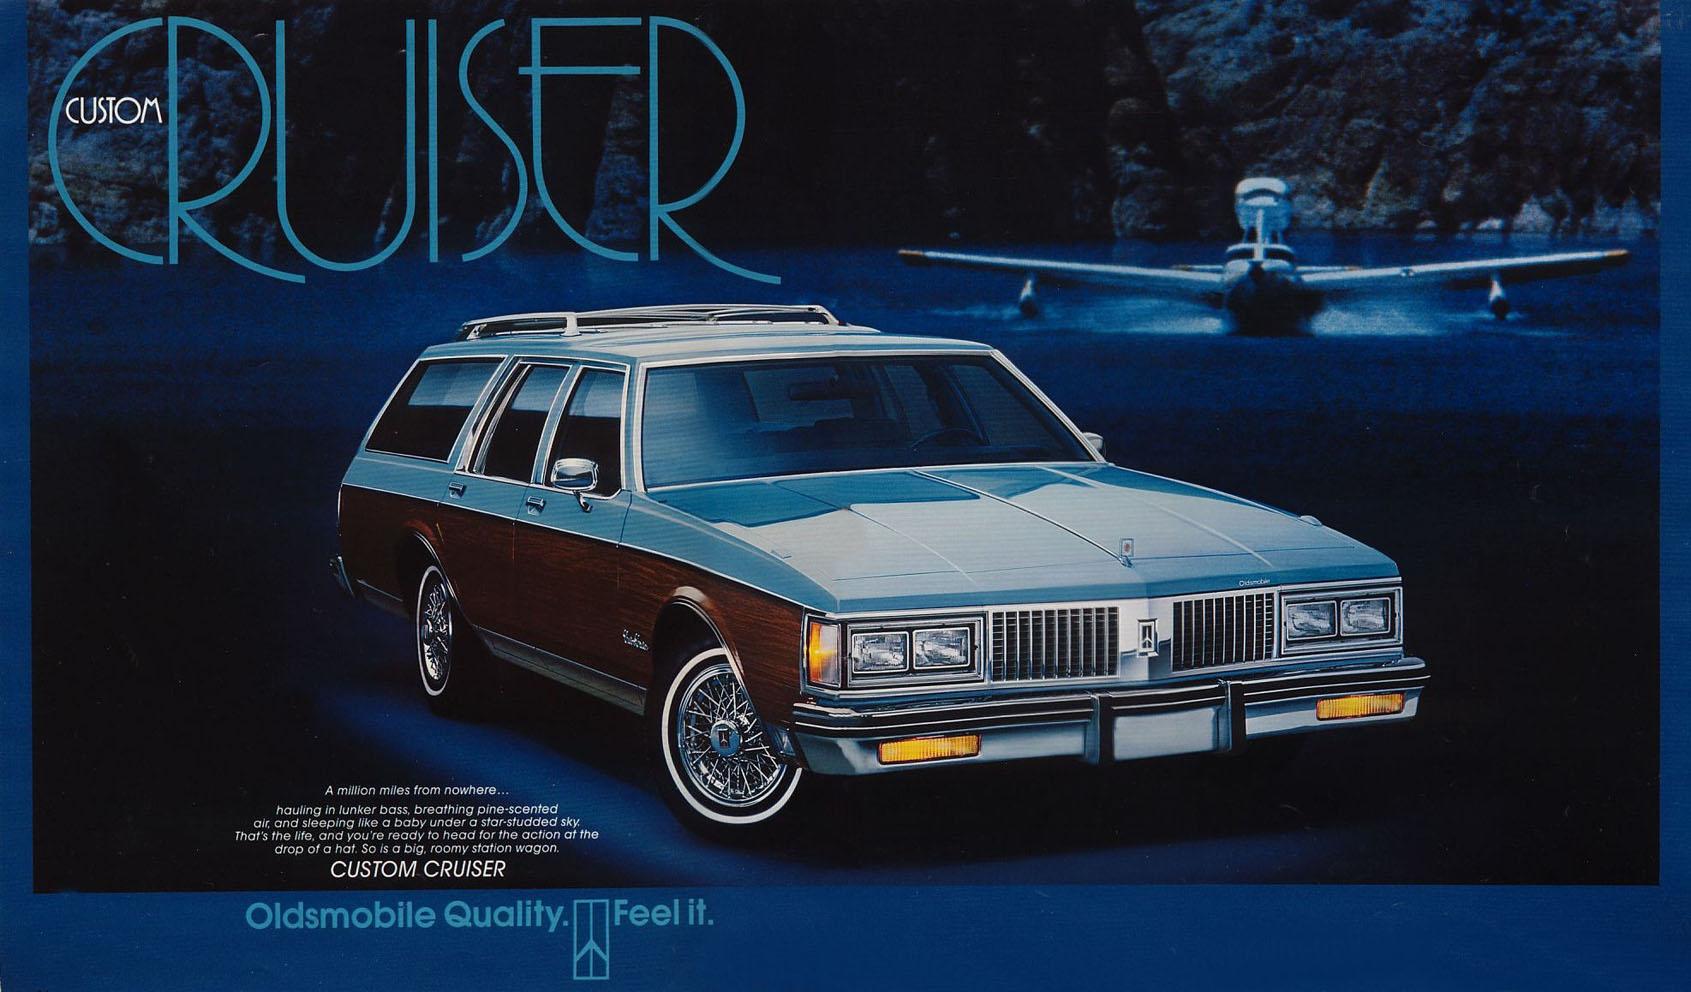 1989 Oldsmobile Custom Cruiser